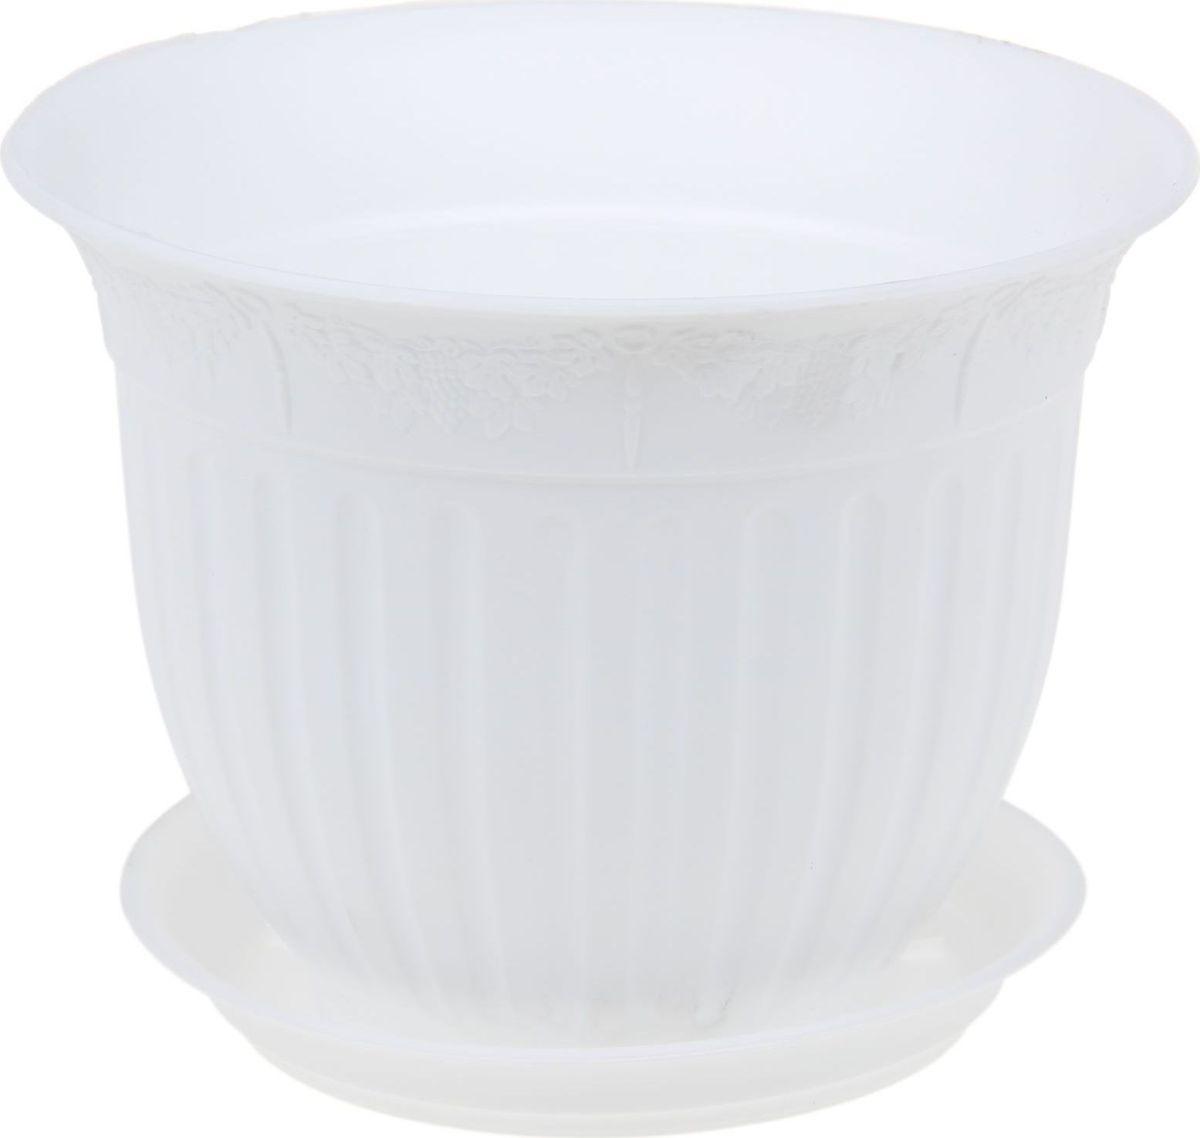 Кашпо JetPlast Виноград, с поддоном, цвет: белый, 0,5 л кашпо jetplast альфа с креплением цвет кремовый 1 л